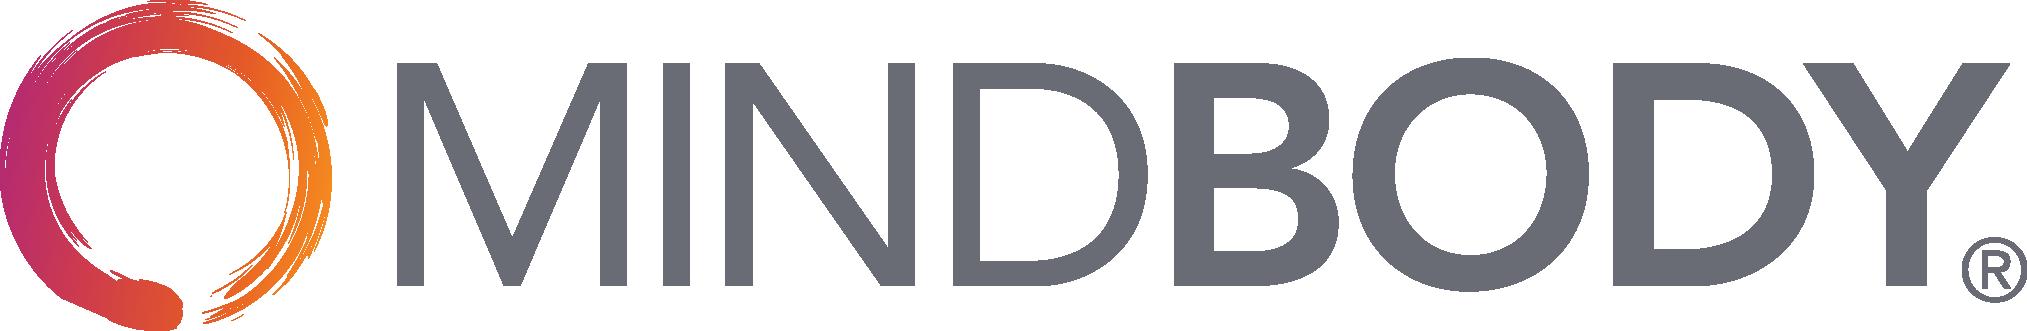 MINDBODY_Logo